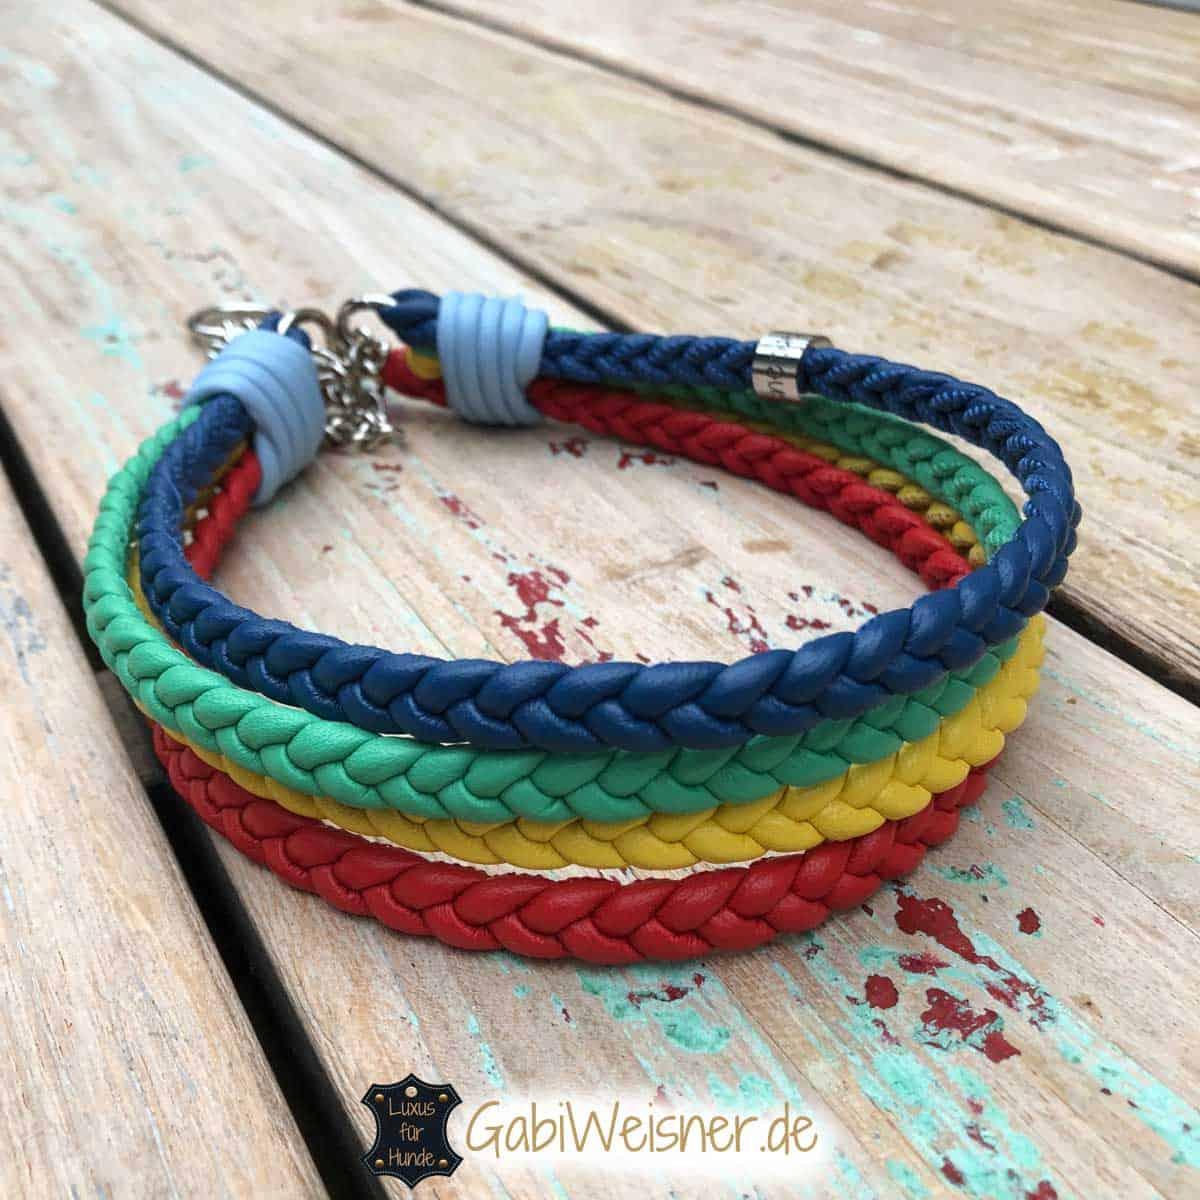 Regenbogen Halsband 4 cm breit mit 5 Farben geflochten